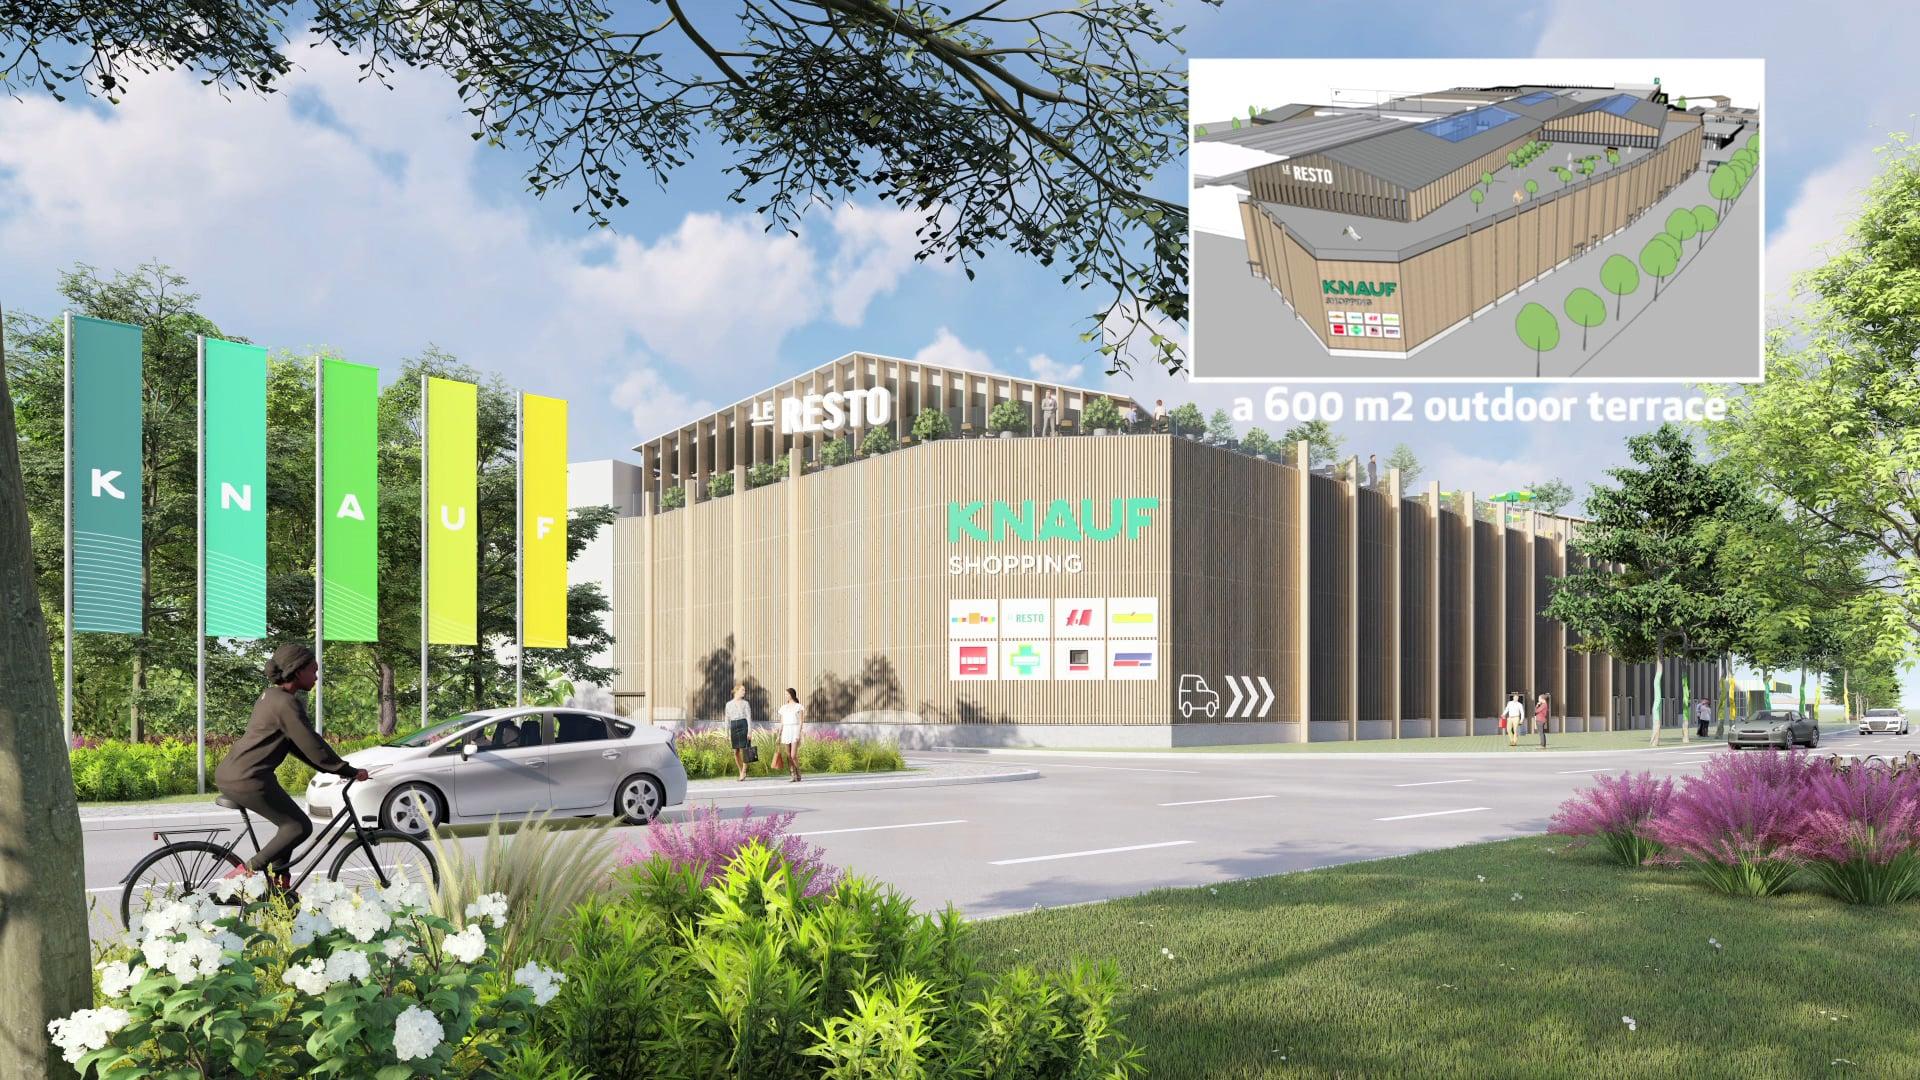 Knauf Shopping Center - Imagine